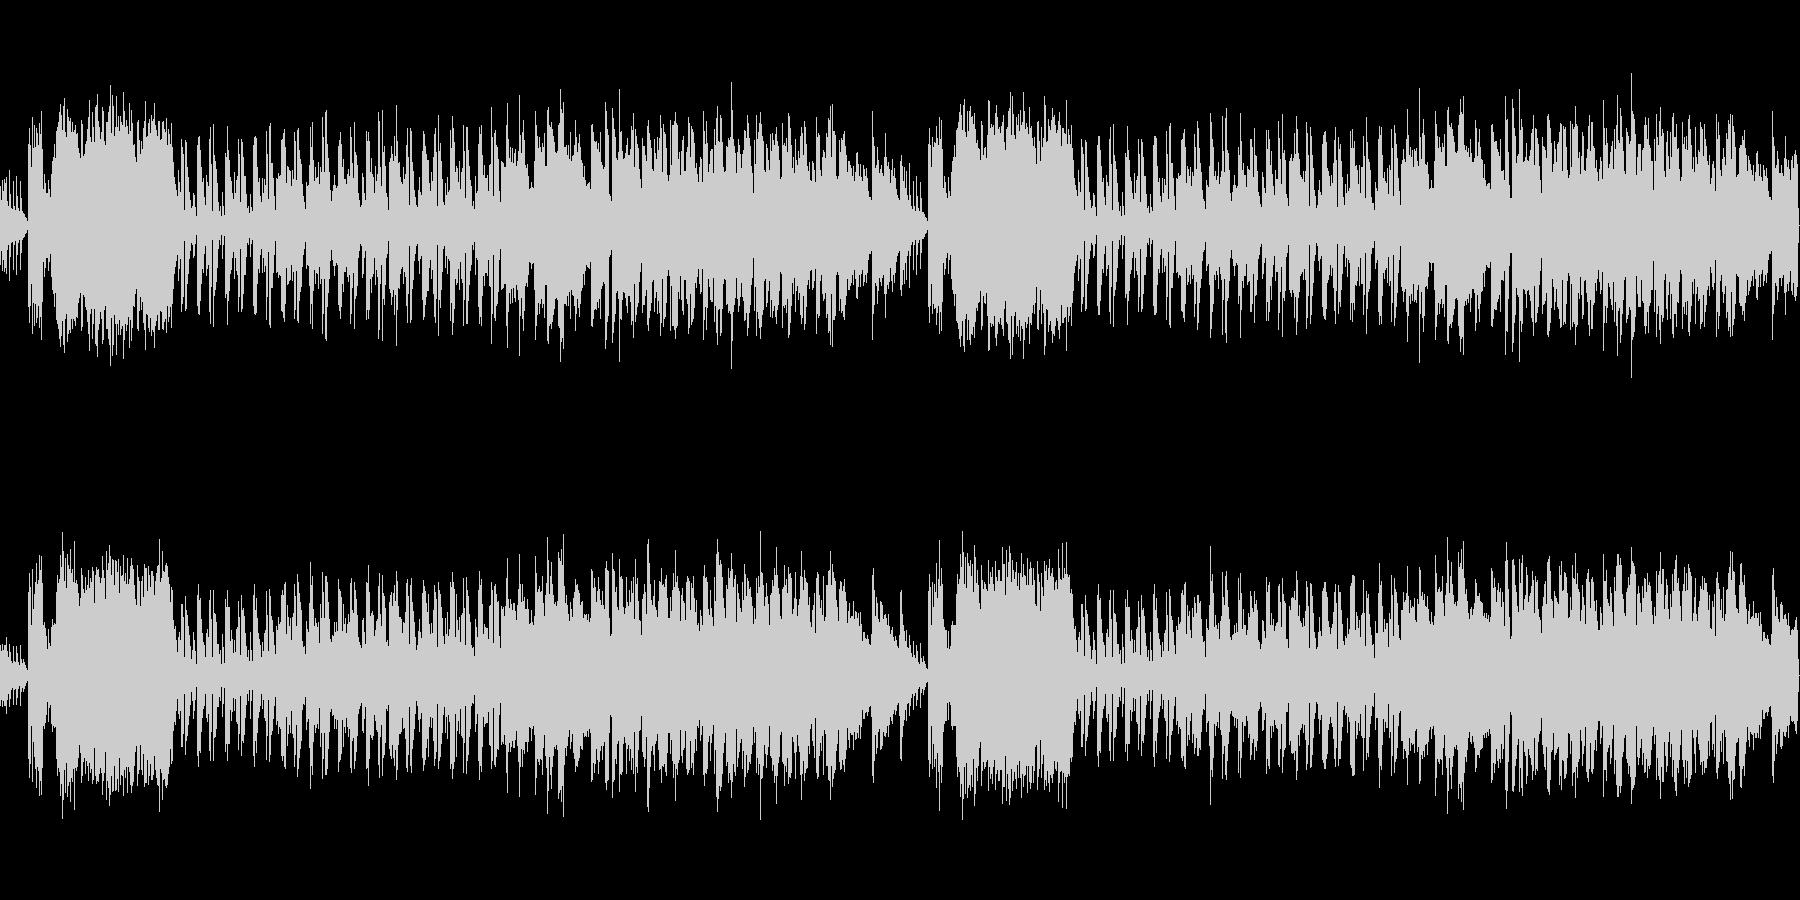 桜春琴和風ポップループ音源の未再生の波形